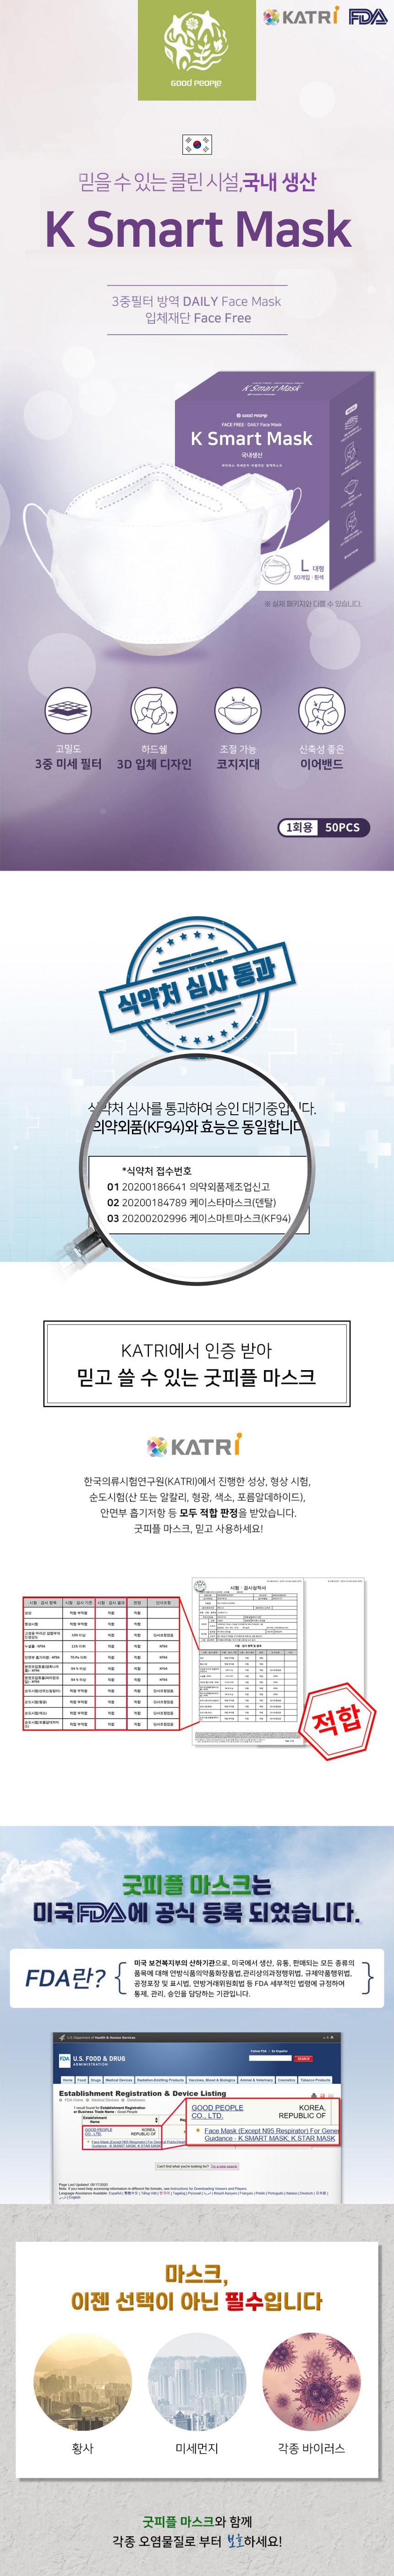 k_d_smart_mask_1_1.jpg